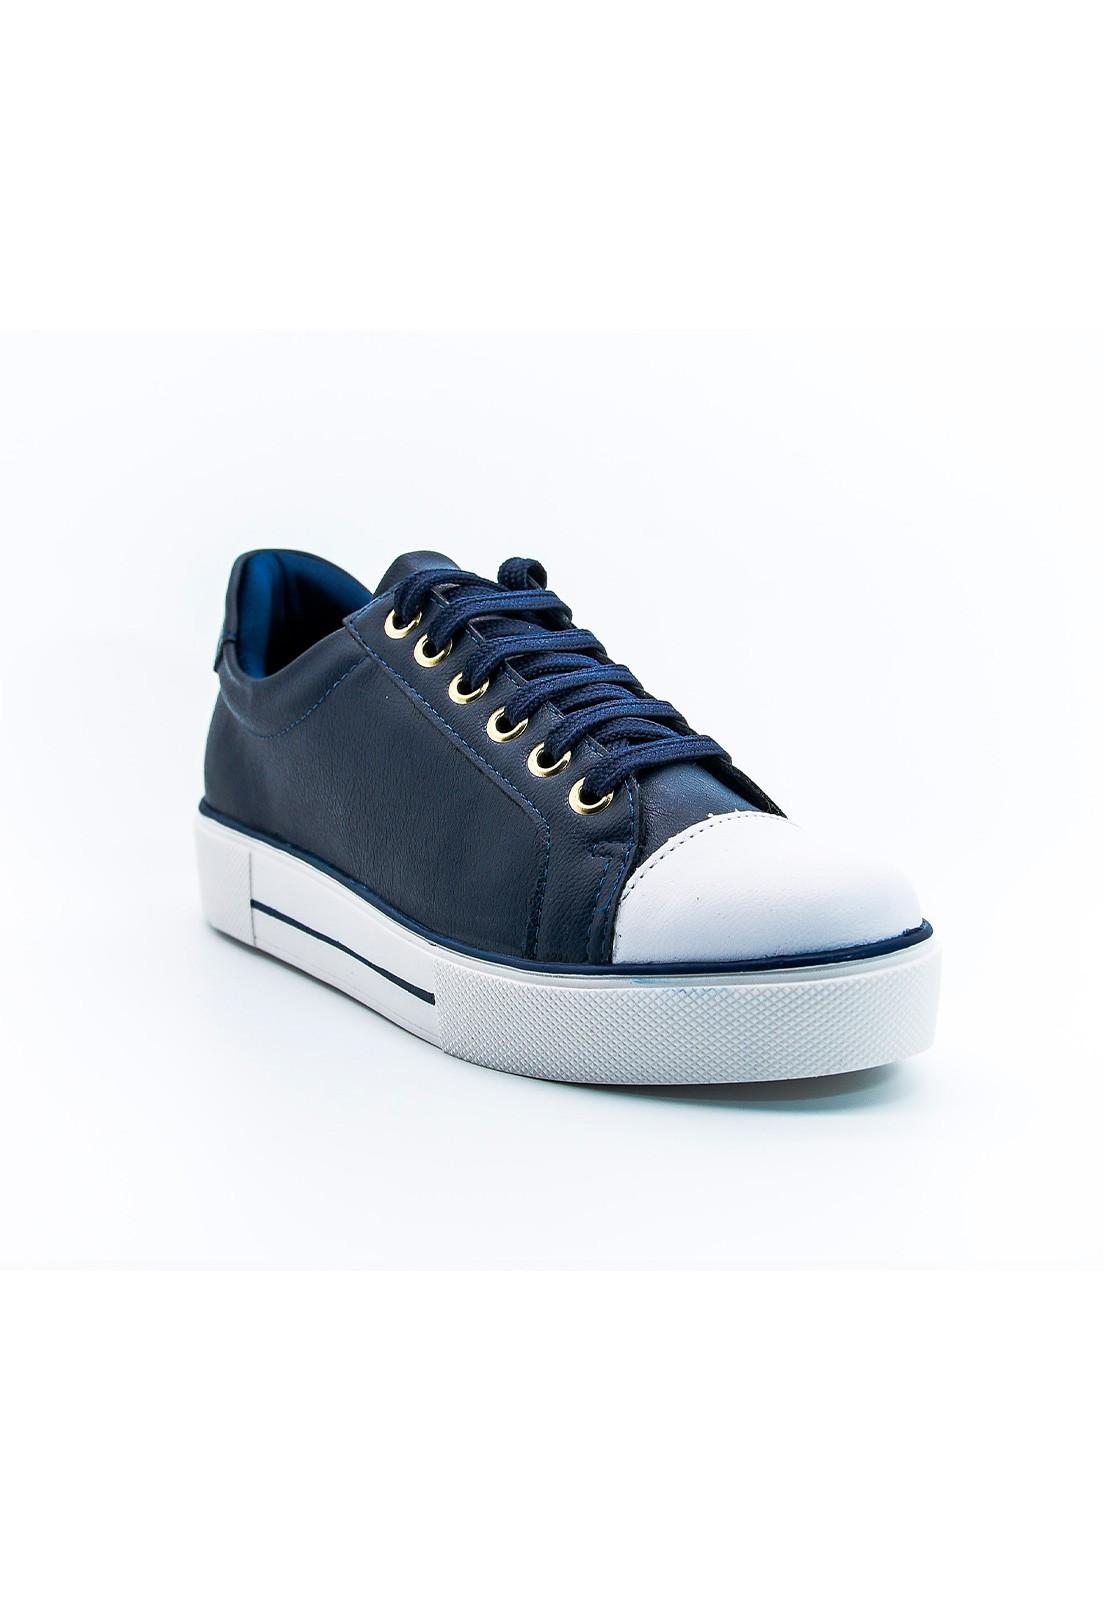 Tênis casual azul marinho Bendito Sapato